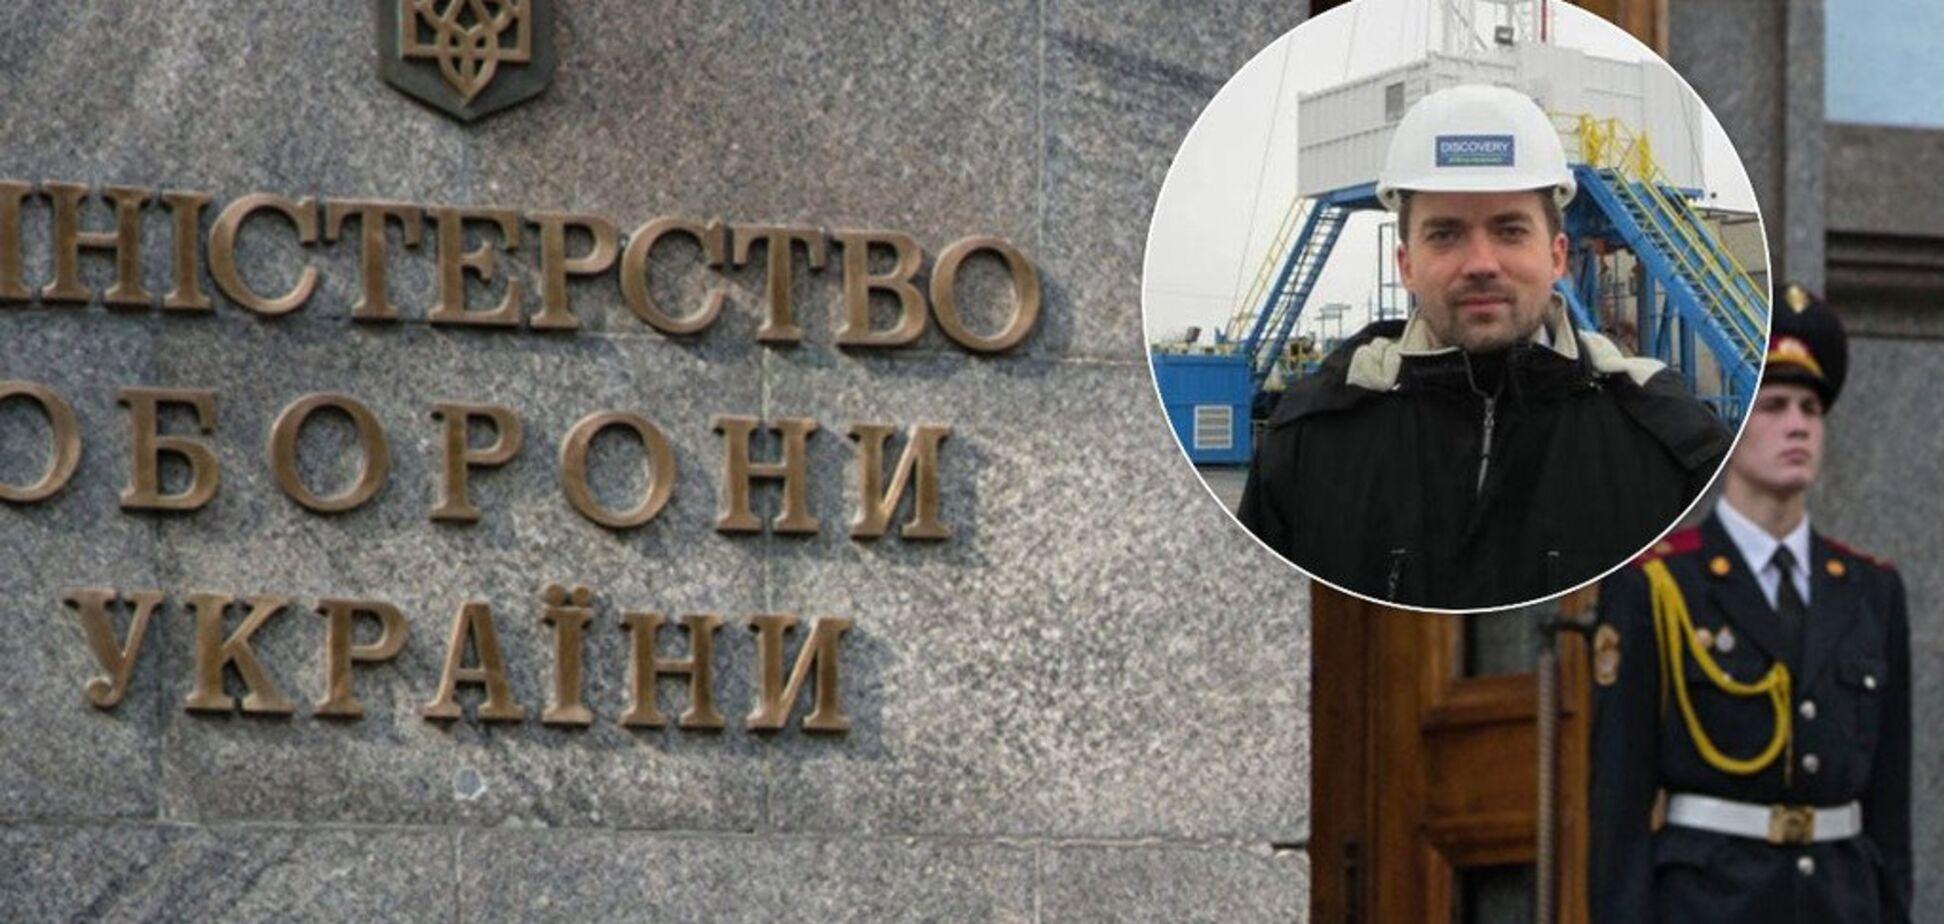 Министр обороны от Зеленского: должность может занять протеже Коломойского без погонов